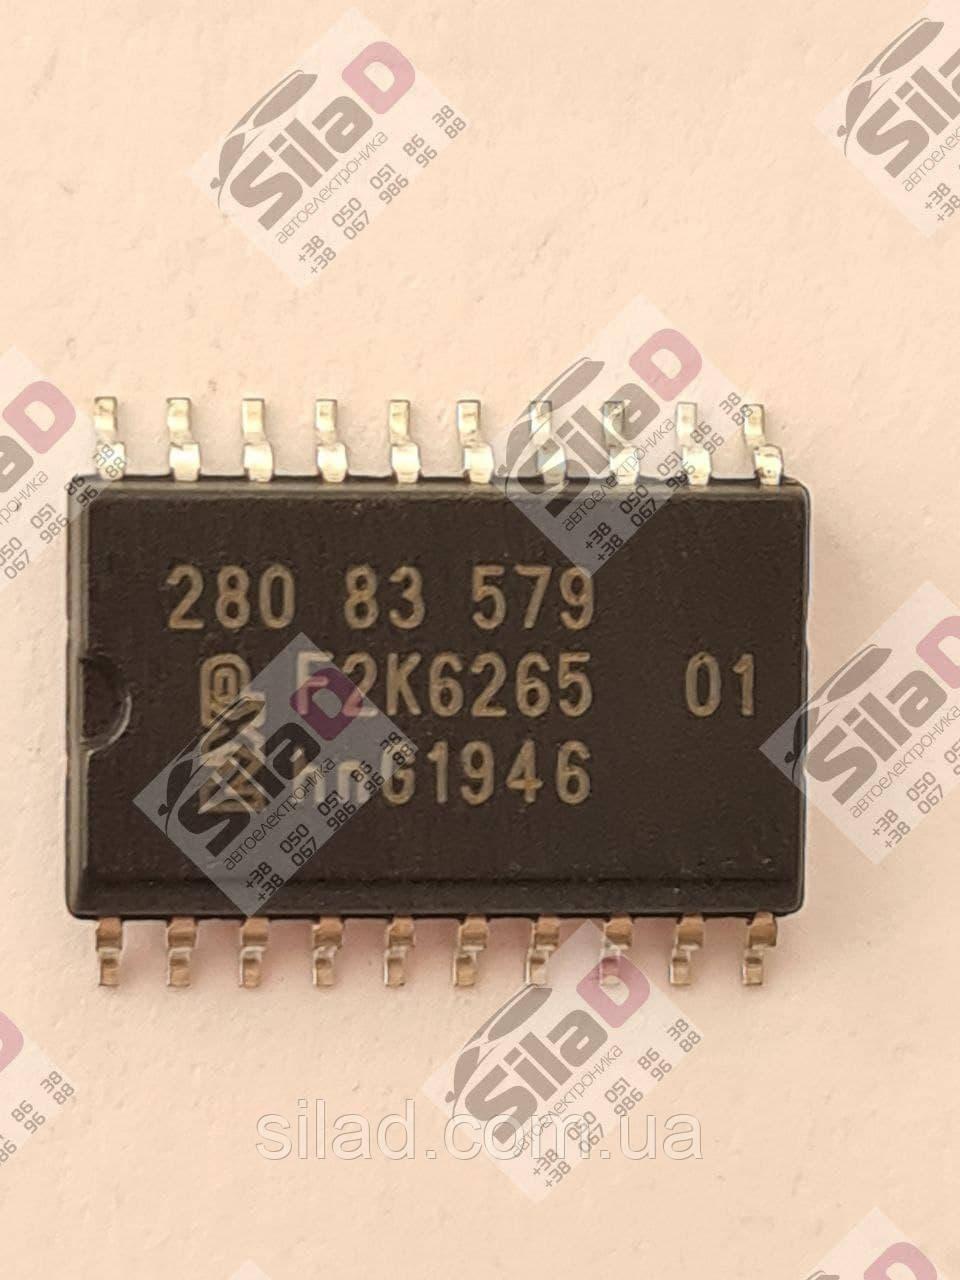 Микросхема 28083579 NXP корпус SOP20